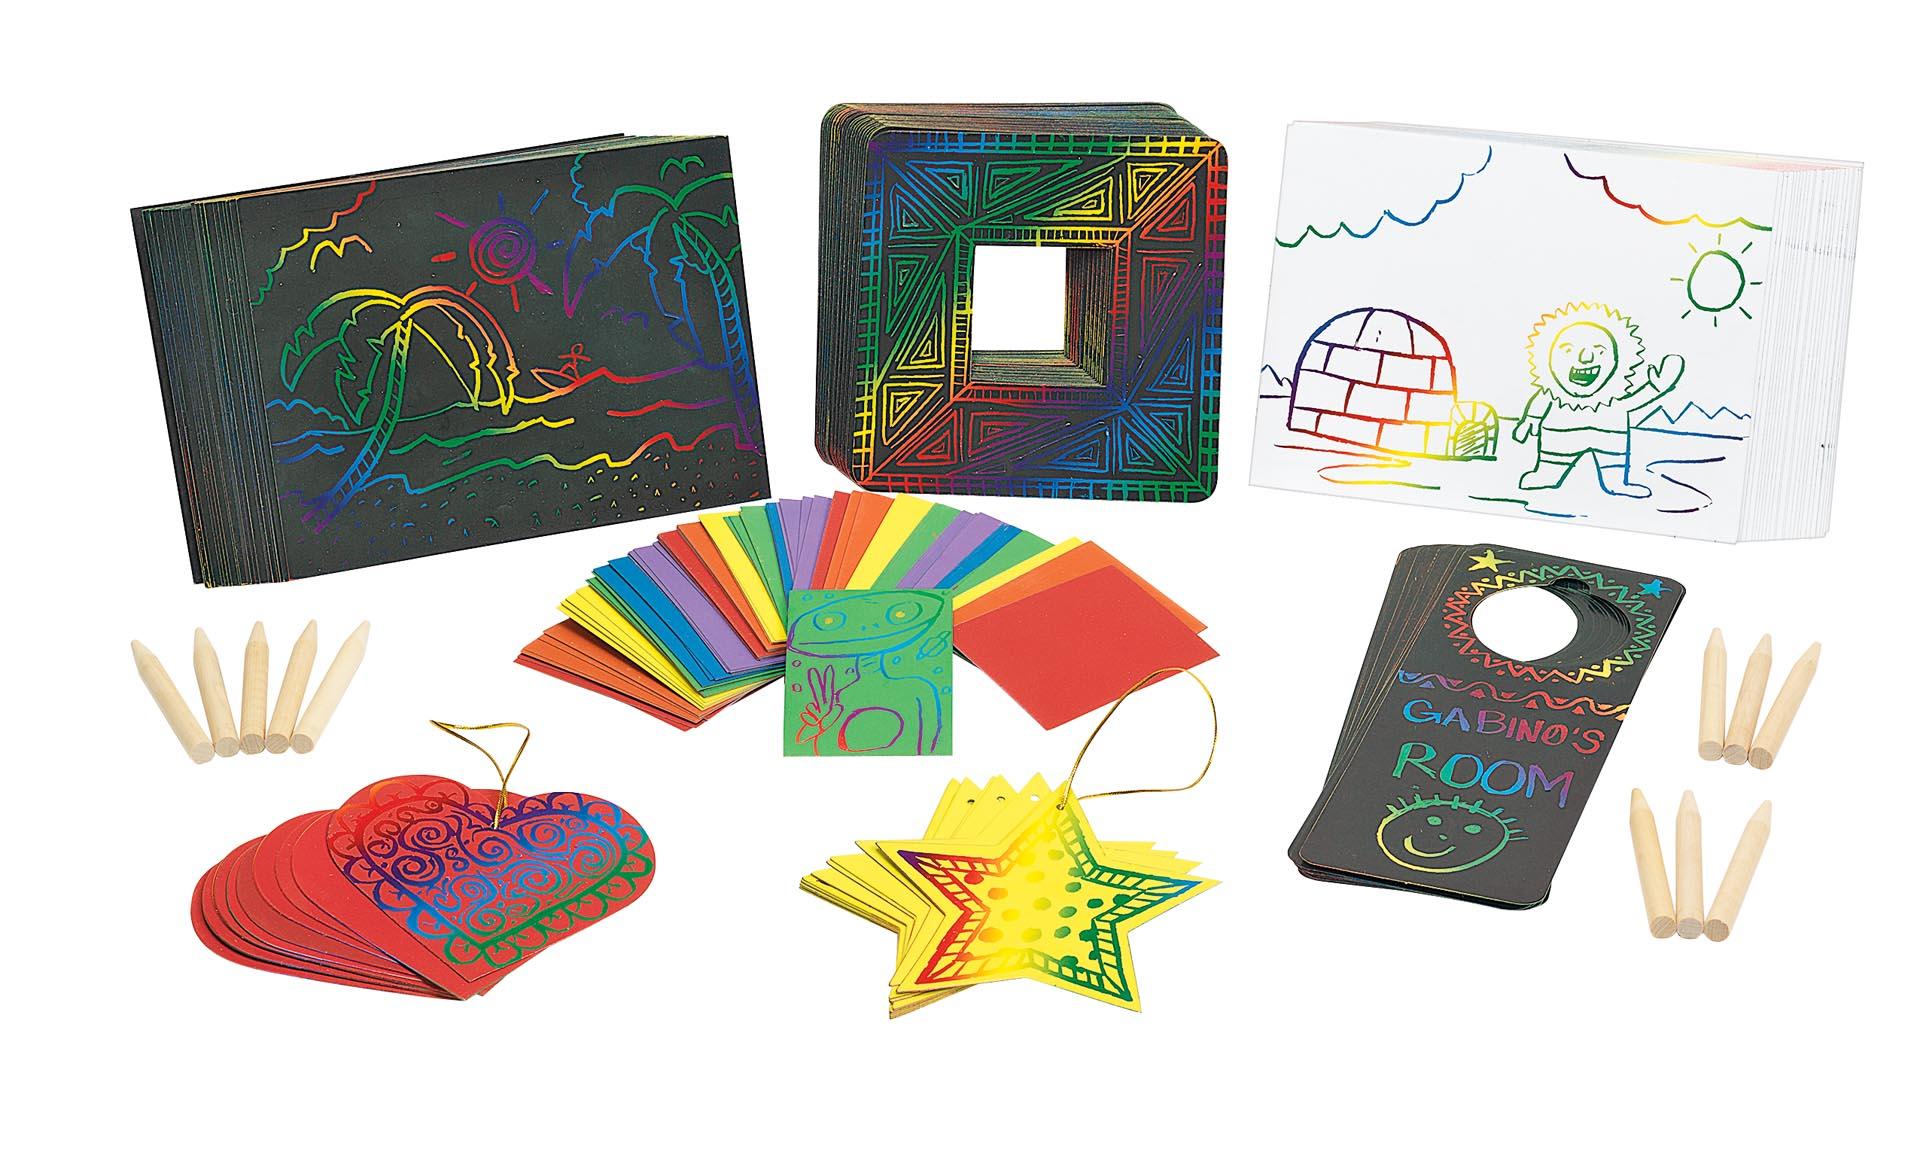 Pachet de 141 de carduri răzuibile și 25 de creioane din lemn pentru scratch design imagine edituradiana.ro